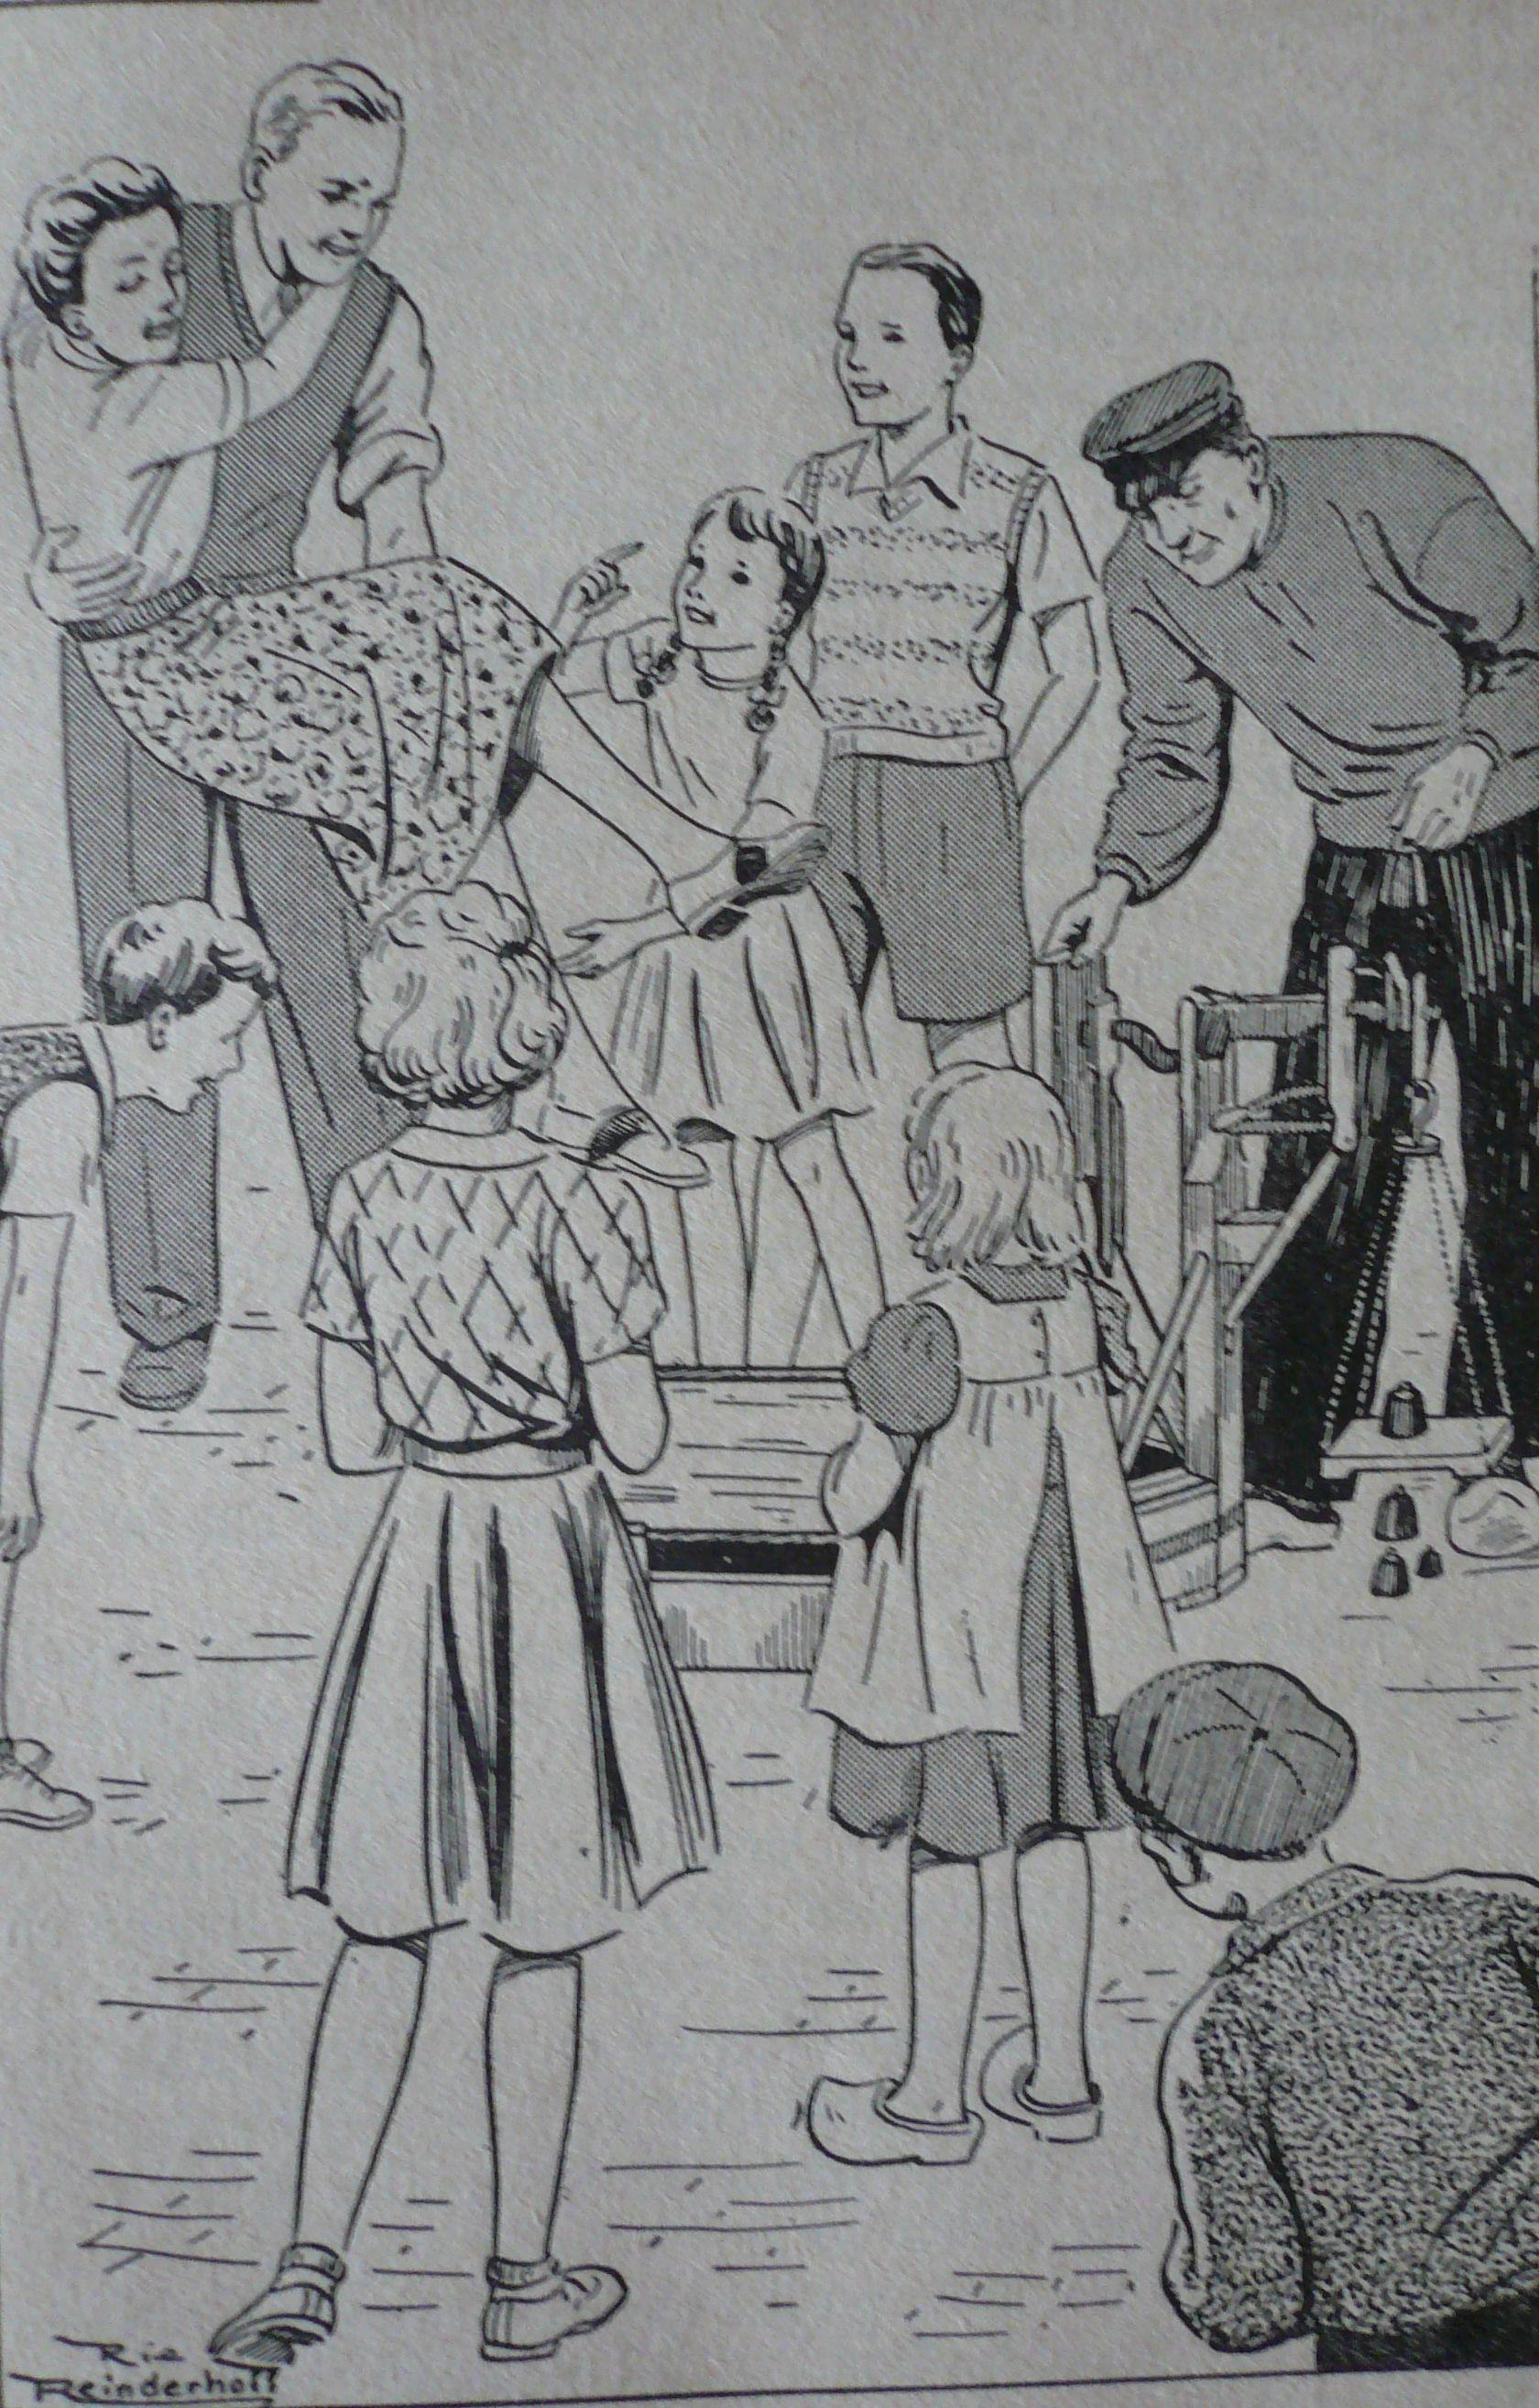 Max De Lange Praamsma Annewieke Rie Reinderhoff Illustraties G F Callenbach Nv Uitgever Nijkerk Derde Druk Kinderboeken Oude Boeken Illustraties